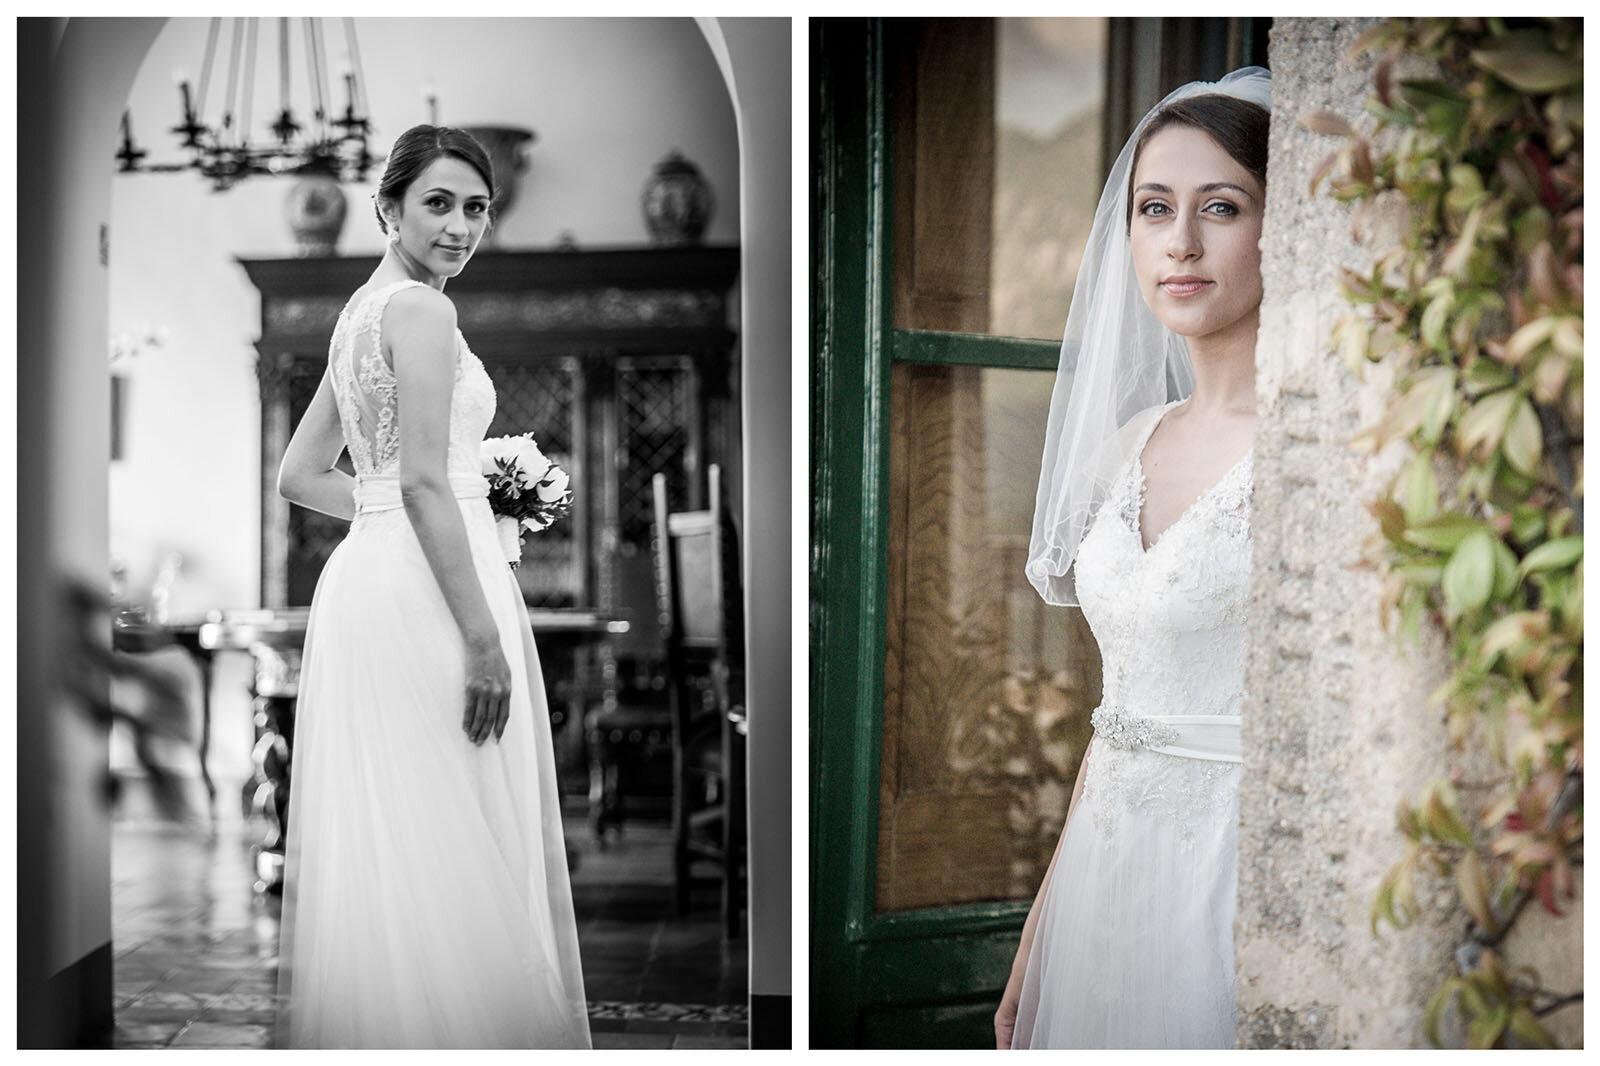 Russian Wedding in Villa Cimbrone Costiera Amalfitana compo3.jpg